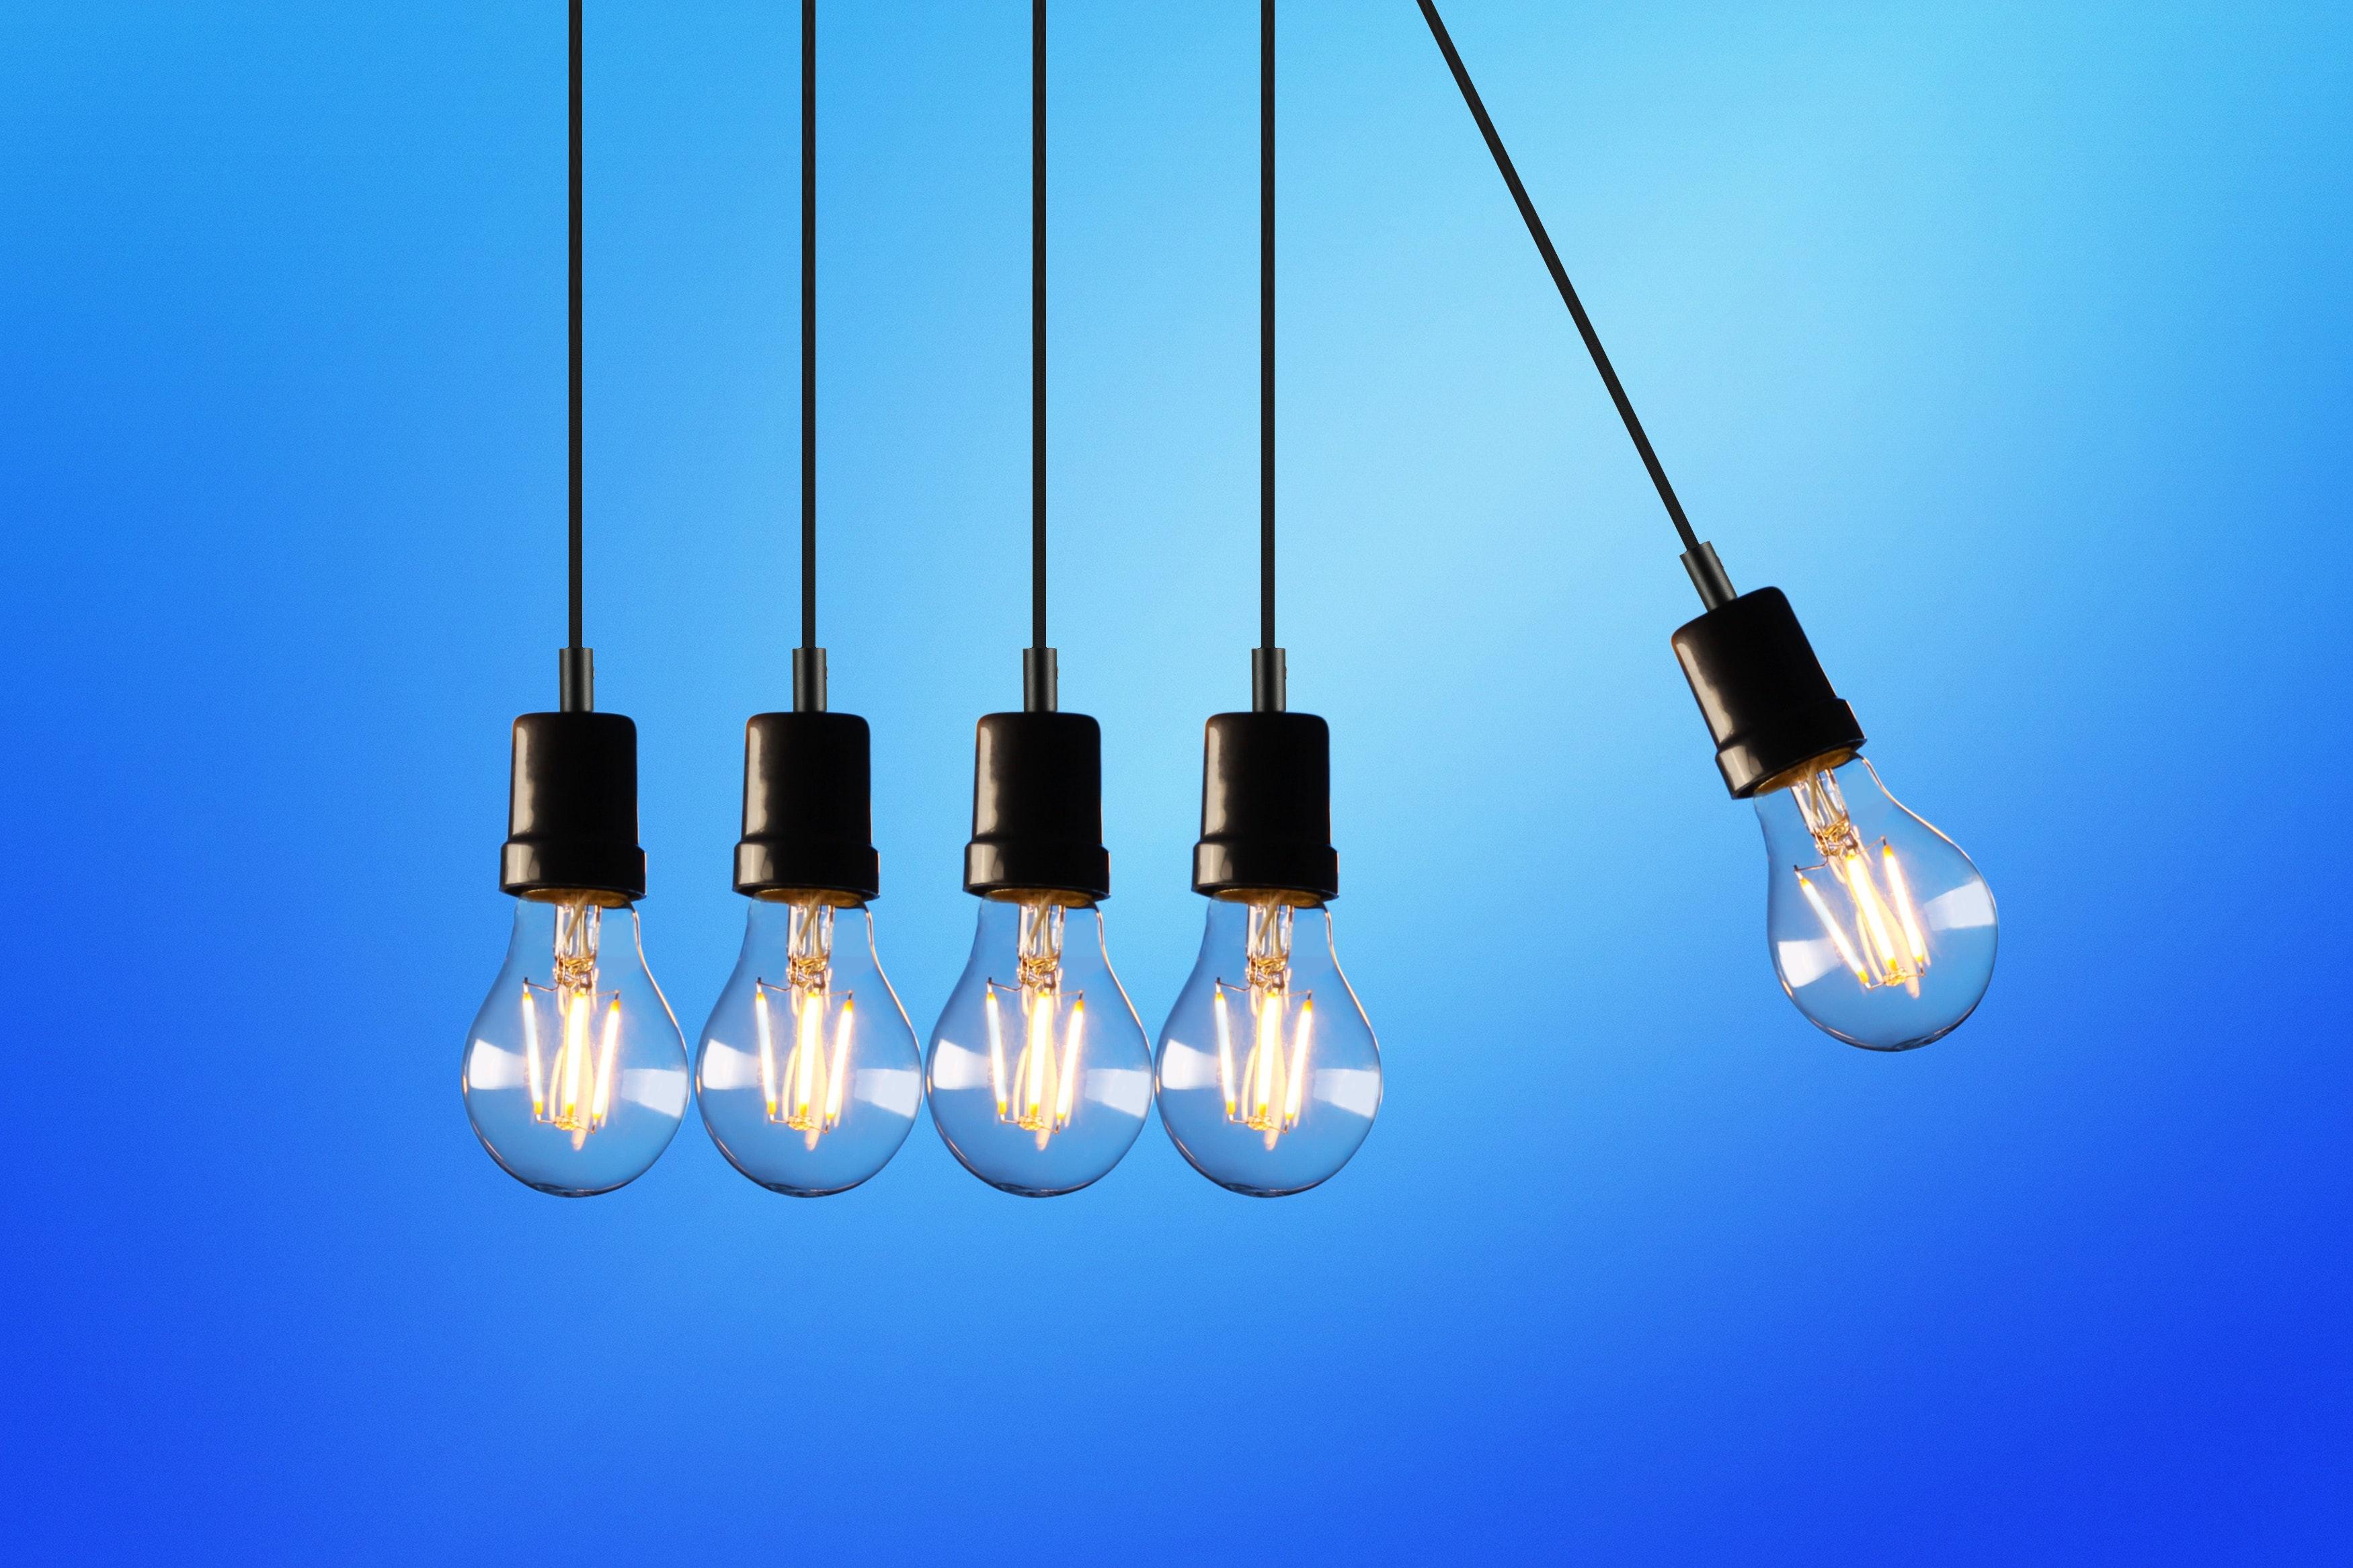 Basculo : Gaz et électricité moins cher à vie